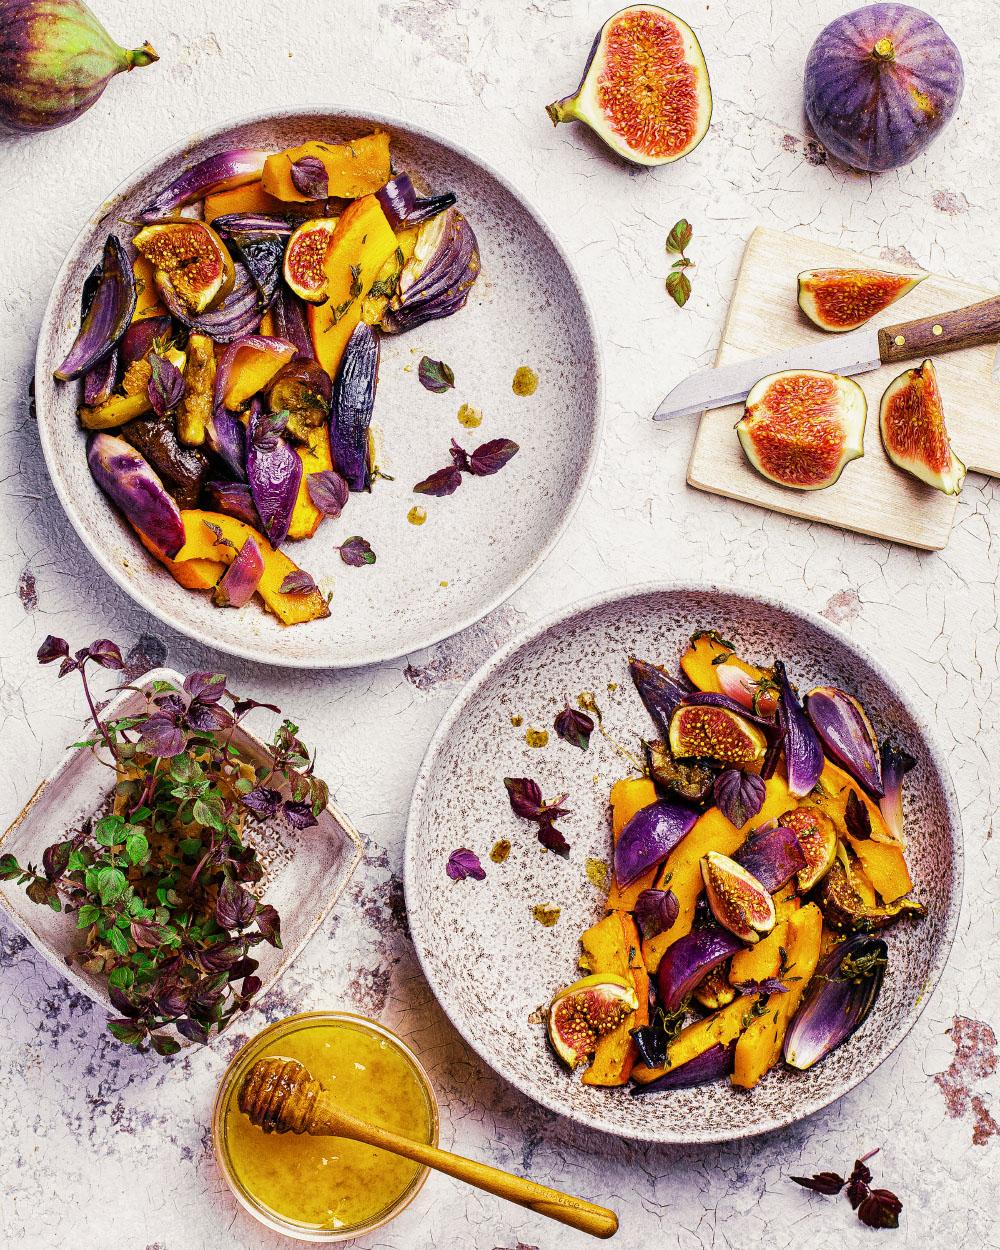 Kürbis-Feigen Gemüse aus dem Backofen gesund einfaches rezept schnell heike herden